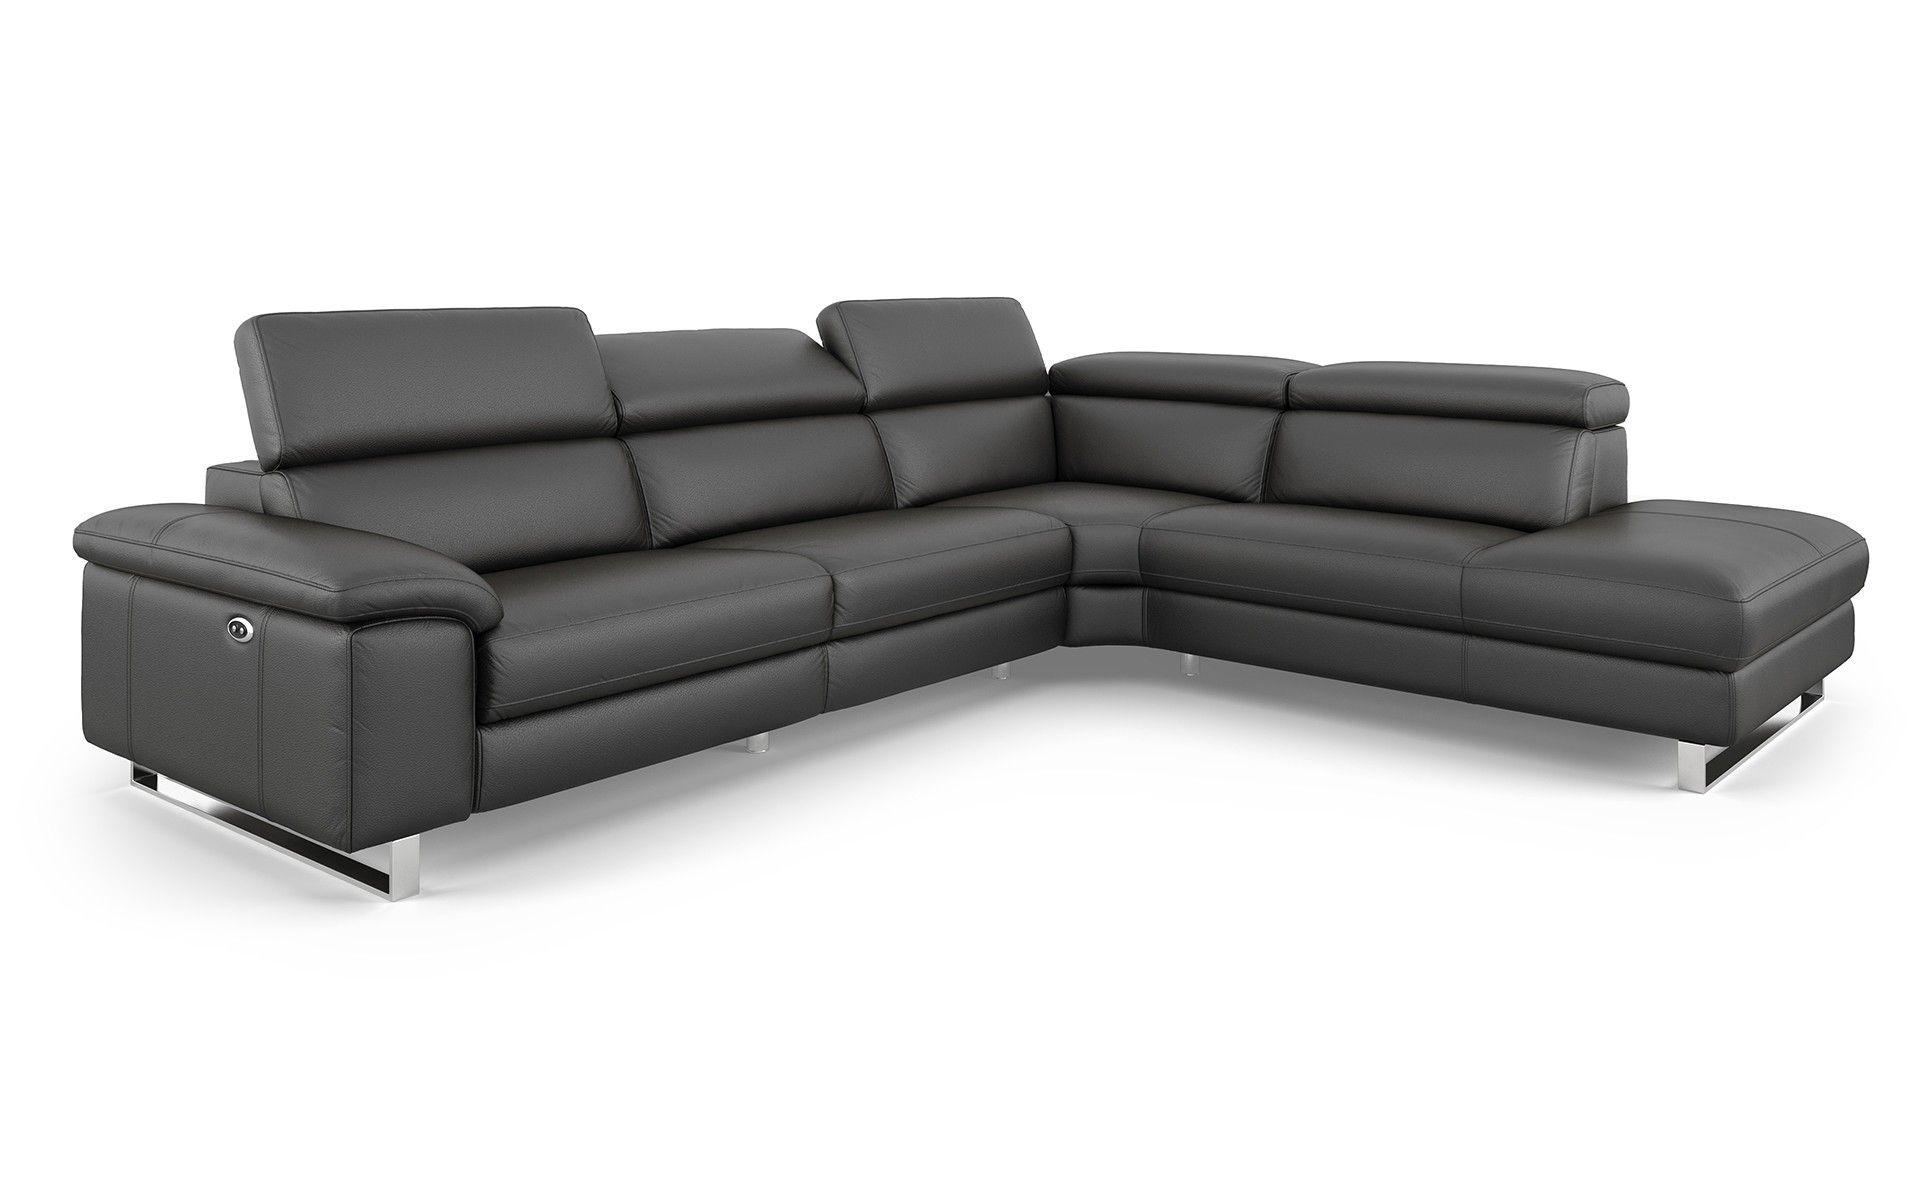 Savona Designer Ecksofa Elegantes Wohnzimmer Wohnzimmer Lounge